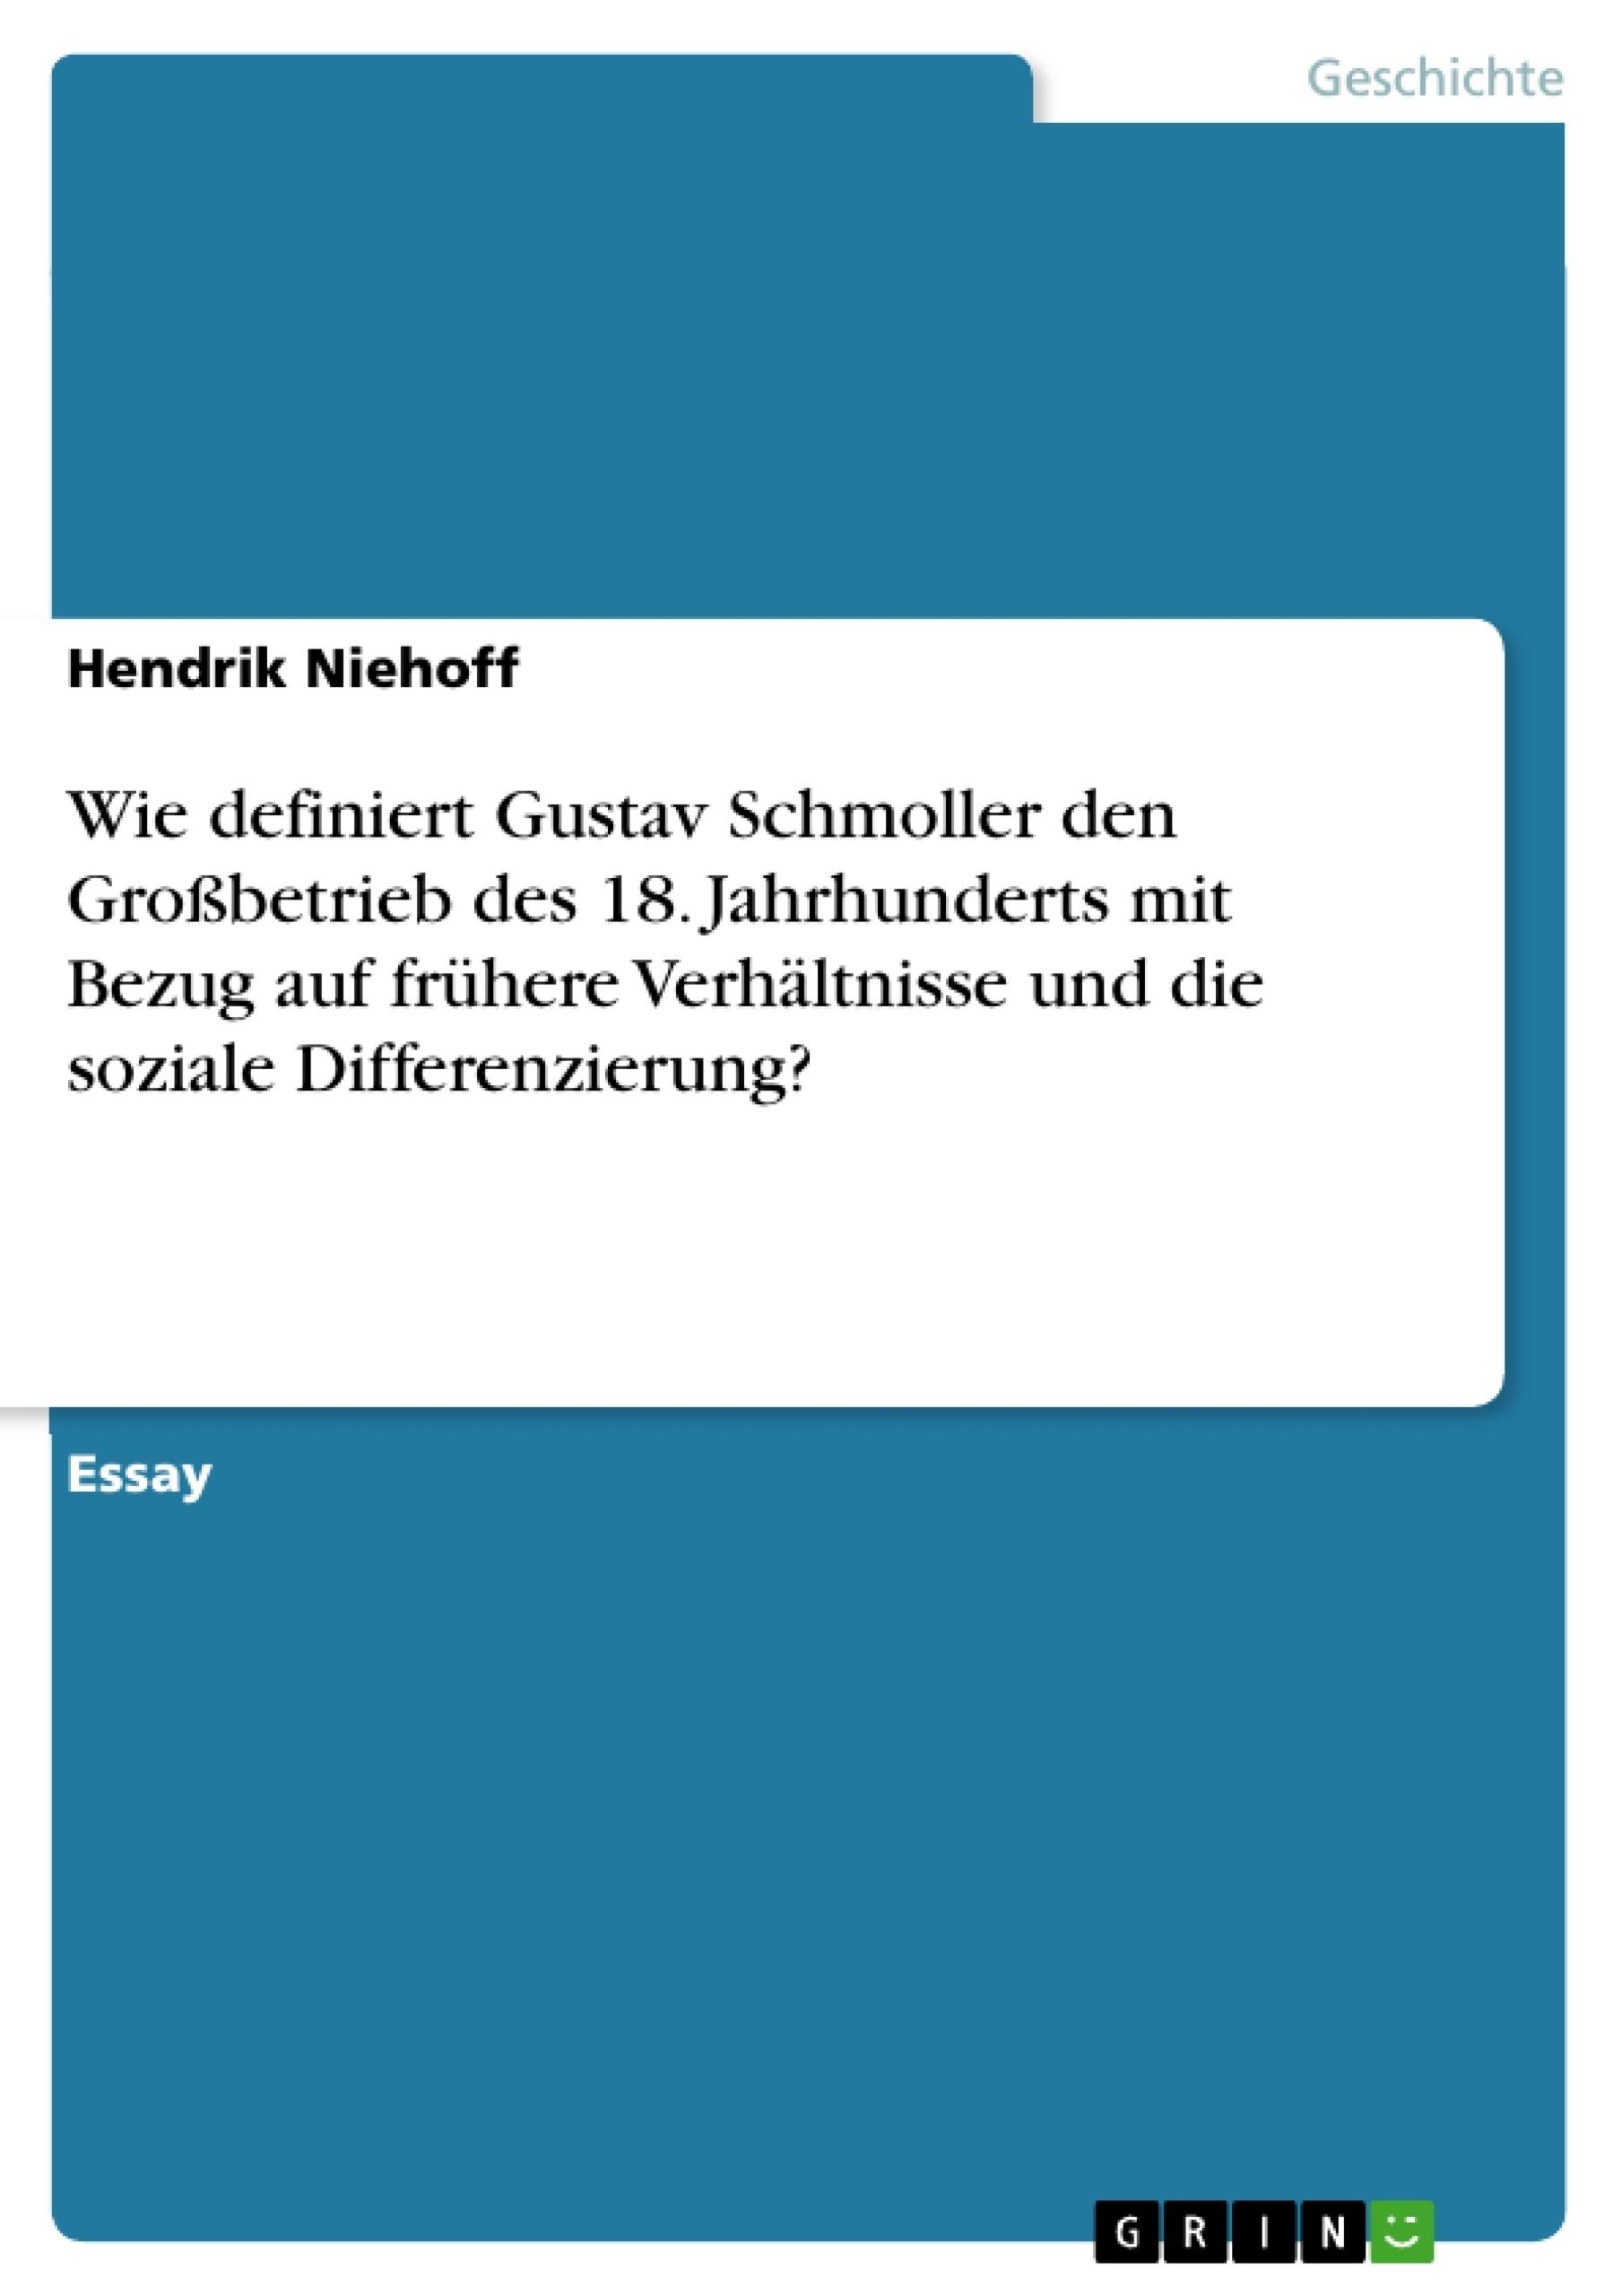 Titel: Wie definiert Gustav Schmoller den Großbetrieb des 18. Jahrhunderts mit Bezug auf frühere Verhältnisse und die soziale Differenzierung?